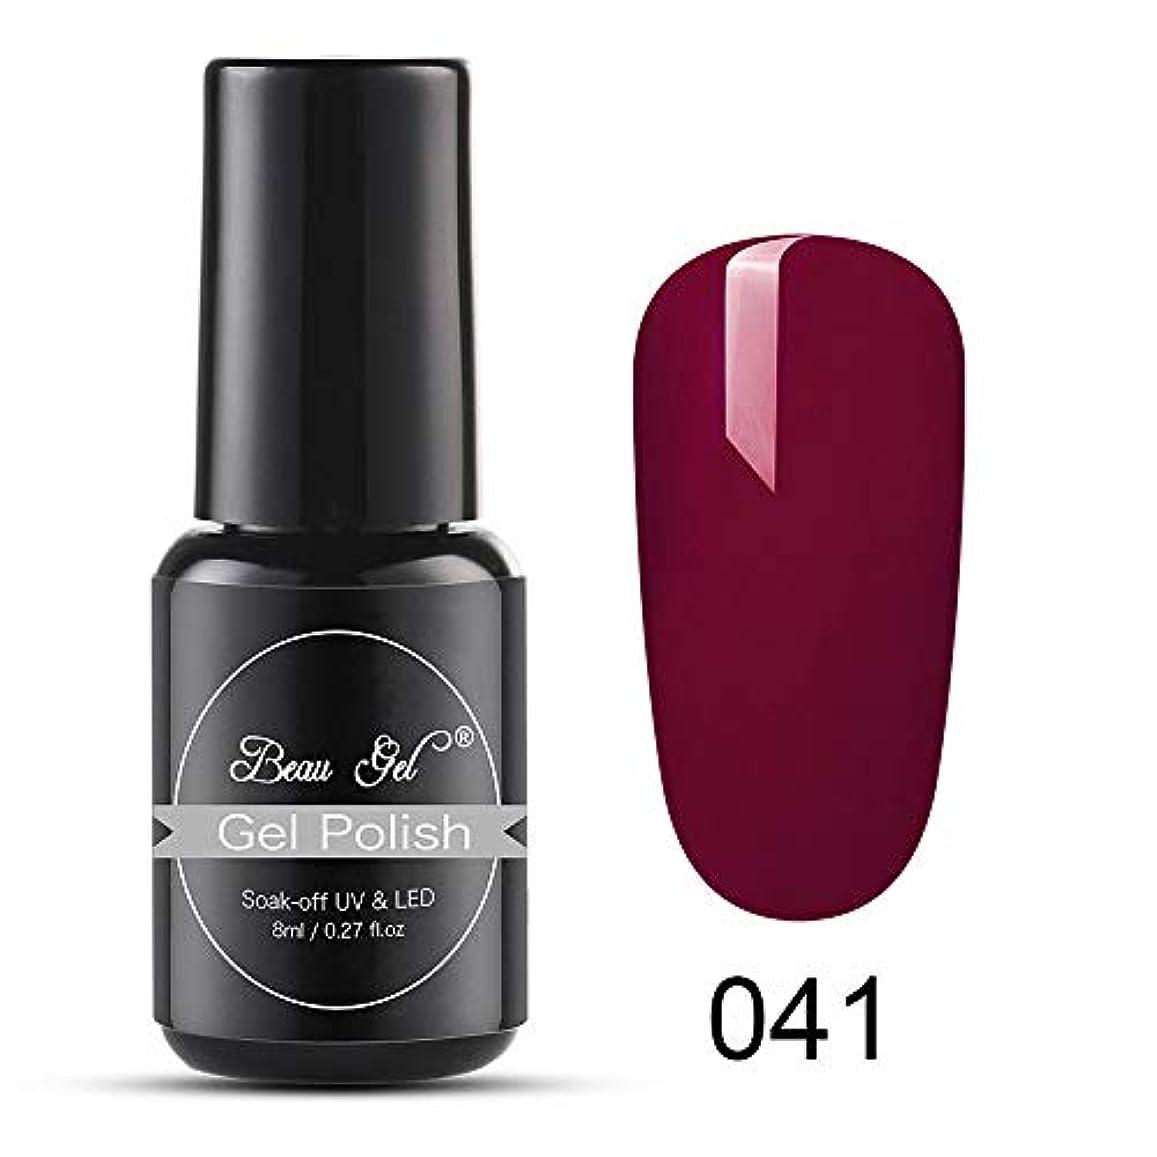 孤独などれ一過性Beau gel ジェルネイル カラージェル 超長い蓋 塗りが便利 1色入り8ml-30041